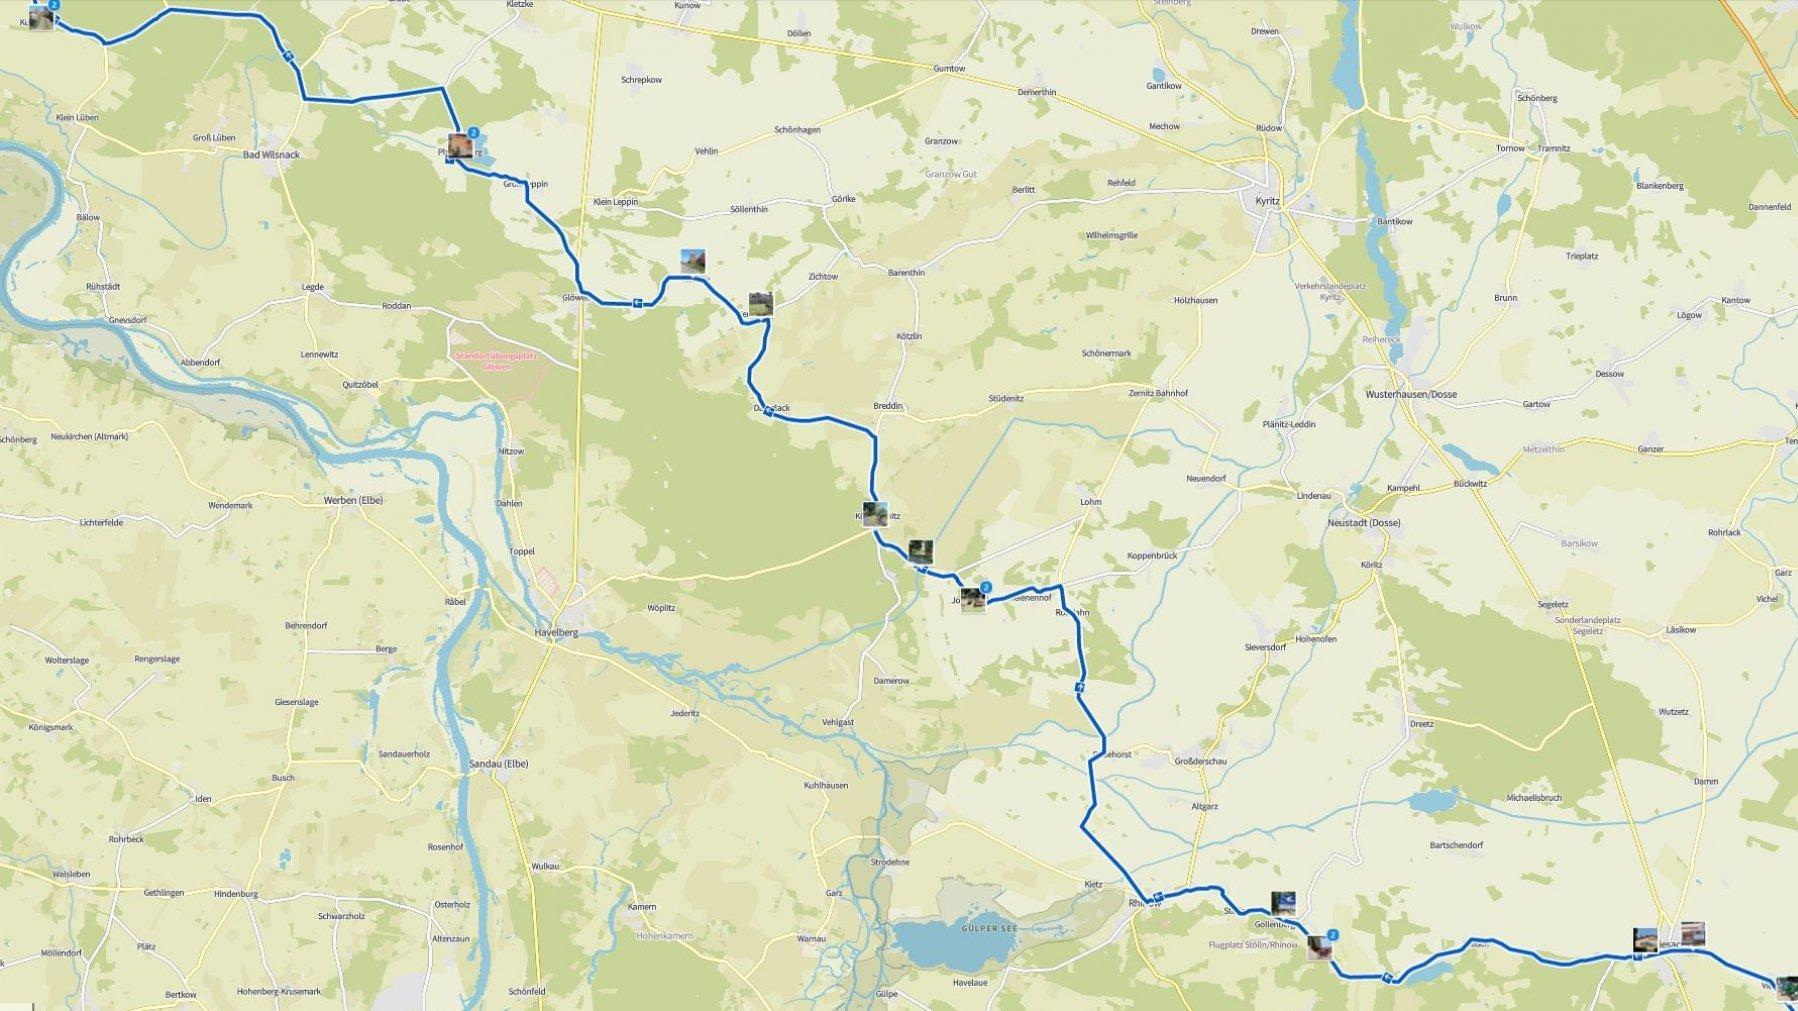 Landkarte mit der Reiseroute des RadelndenReporters, auf der die Fotostationen vermerkt sind.